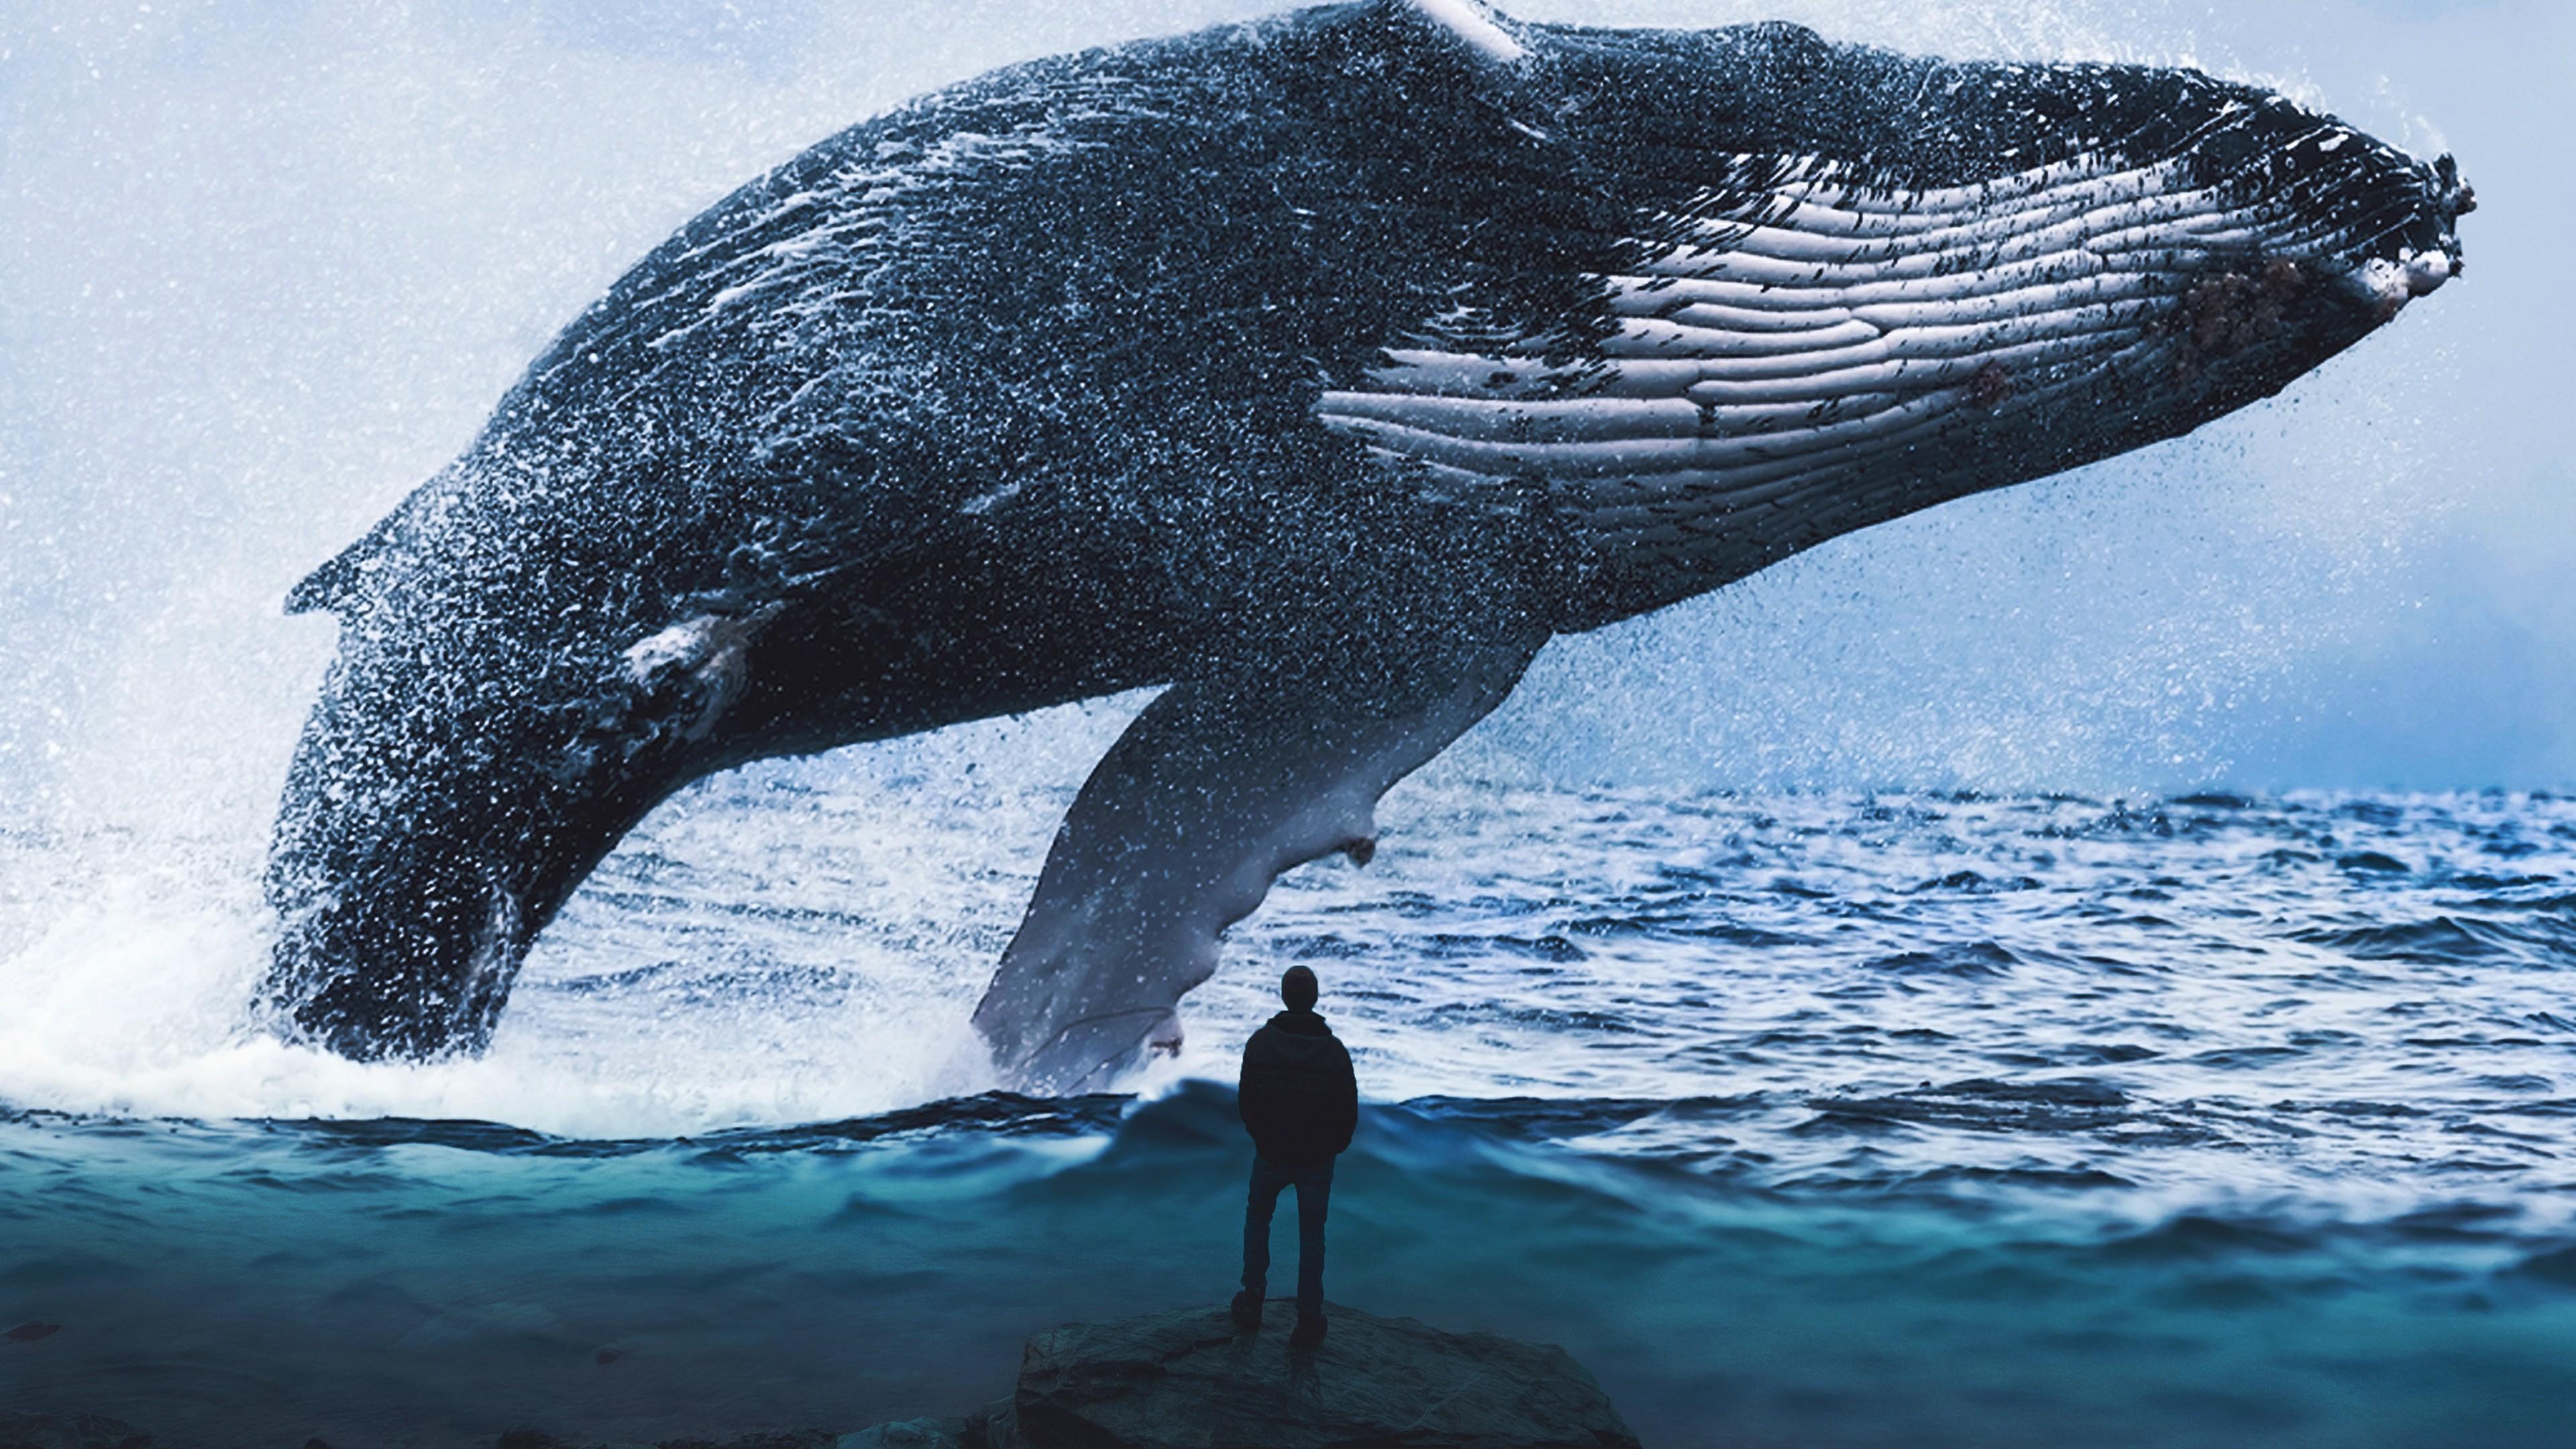 Морской гигант-синий кит вынырнувший из изумрудно-синих глубин океана